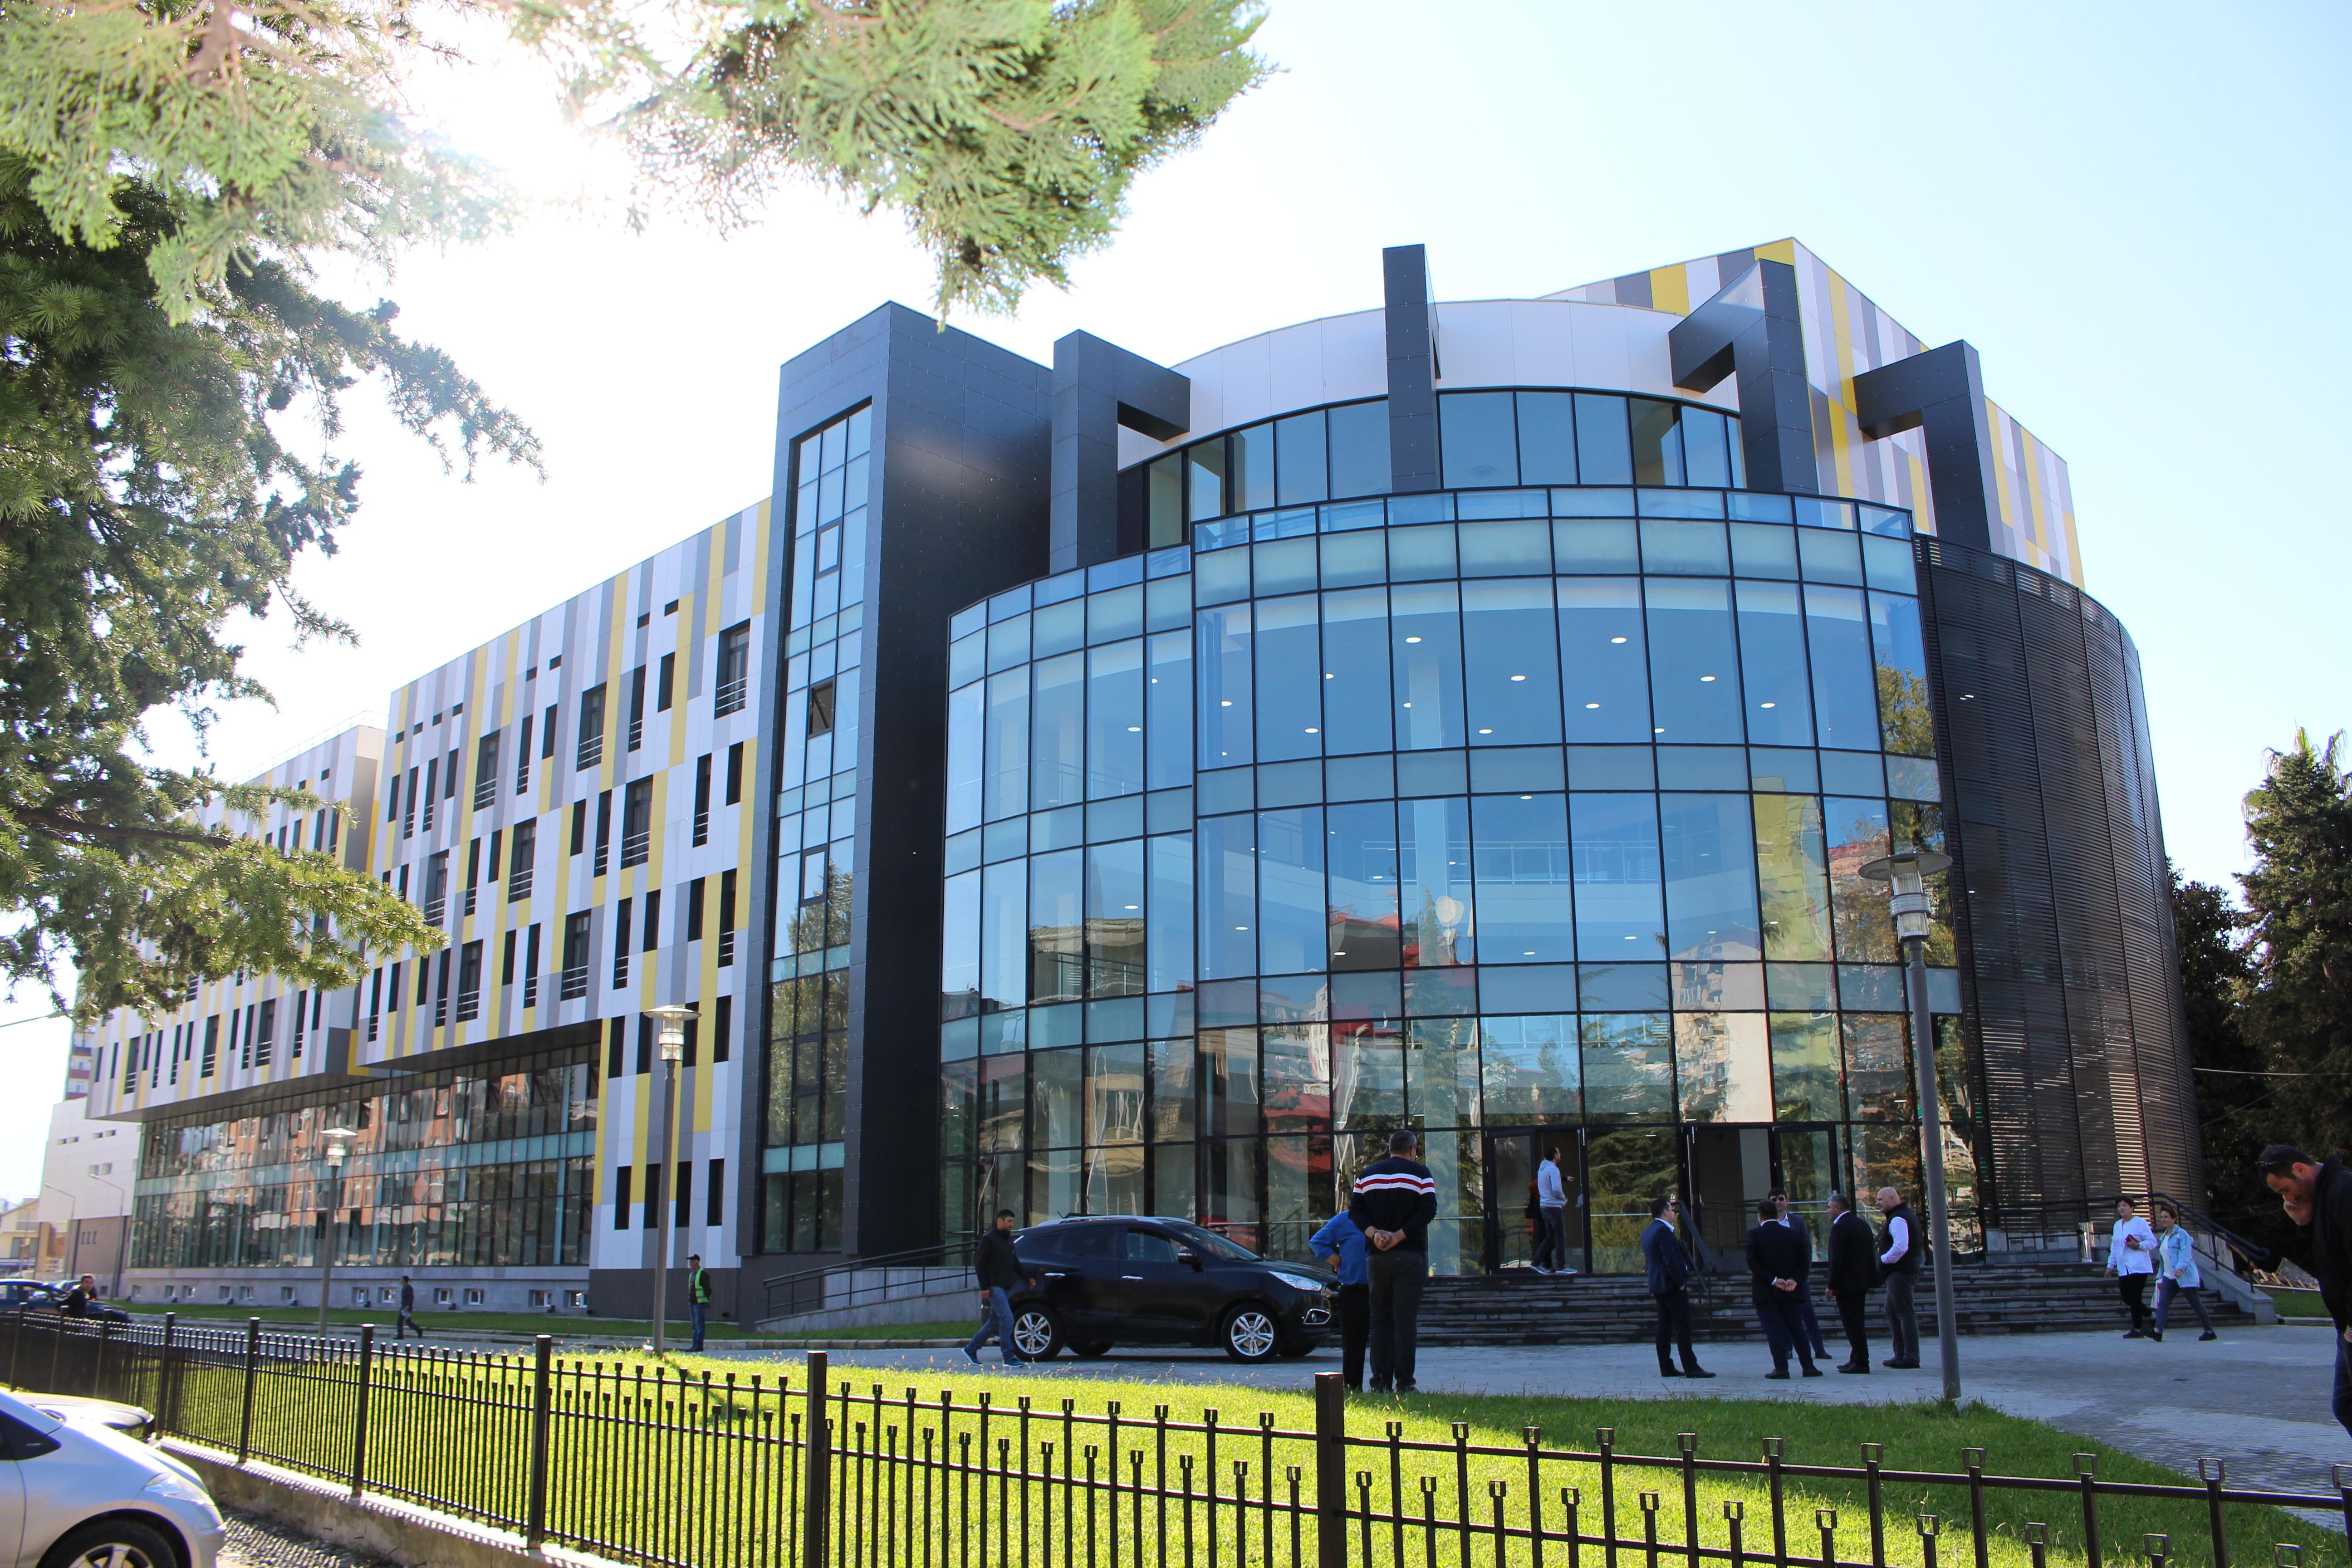 ბათუმის რესპუბლიკური საავადმყოფოს ახალი შენობა